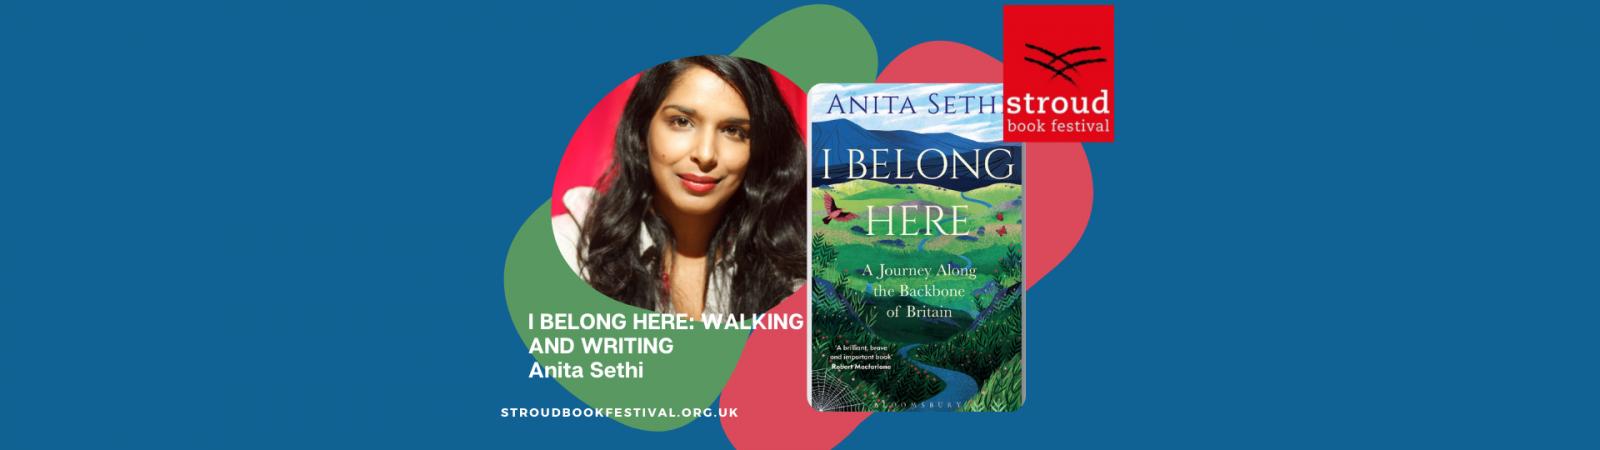 I Belong Here: Walking and Writing, Anita Sethi